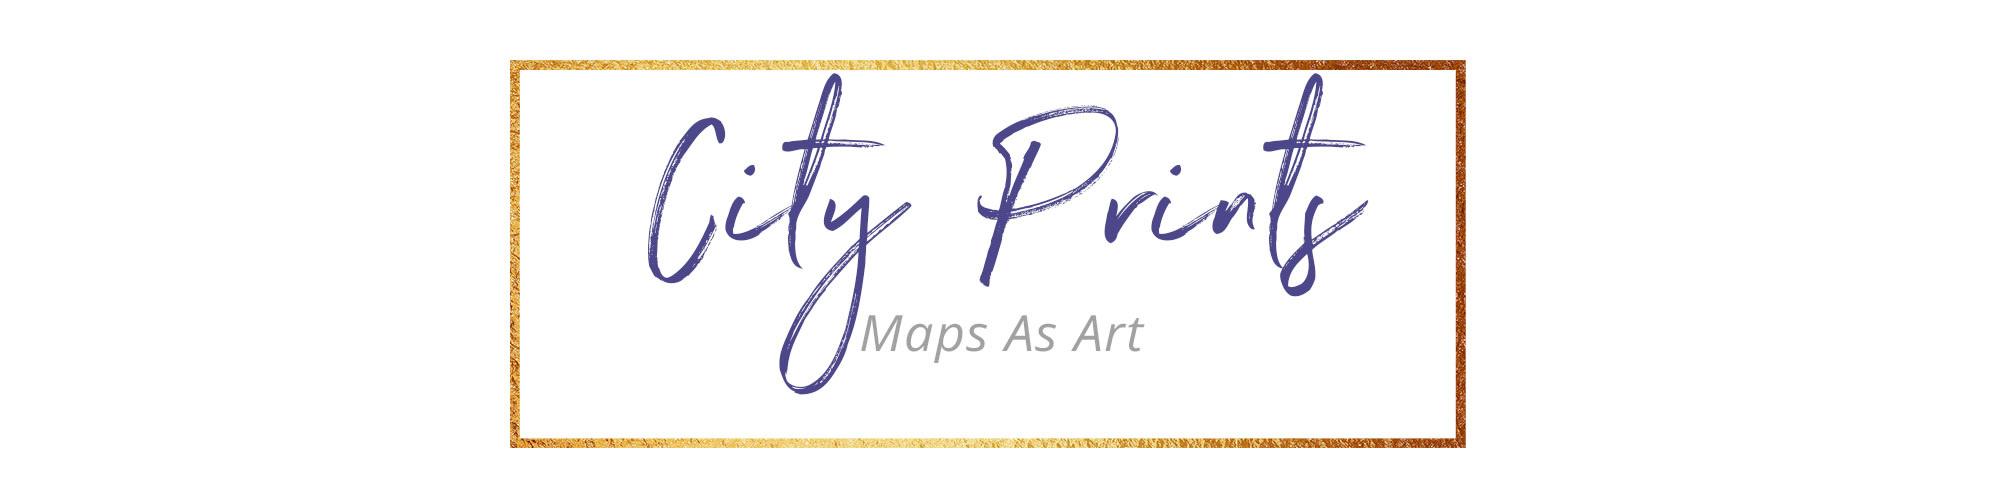 <div class='title'>           City Prints         </div>